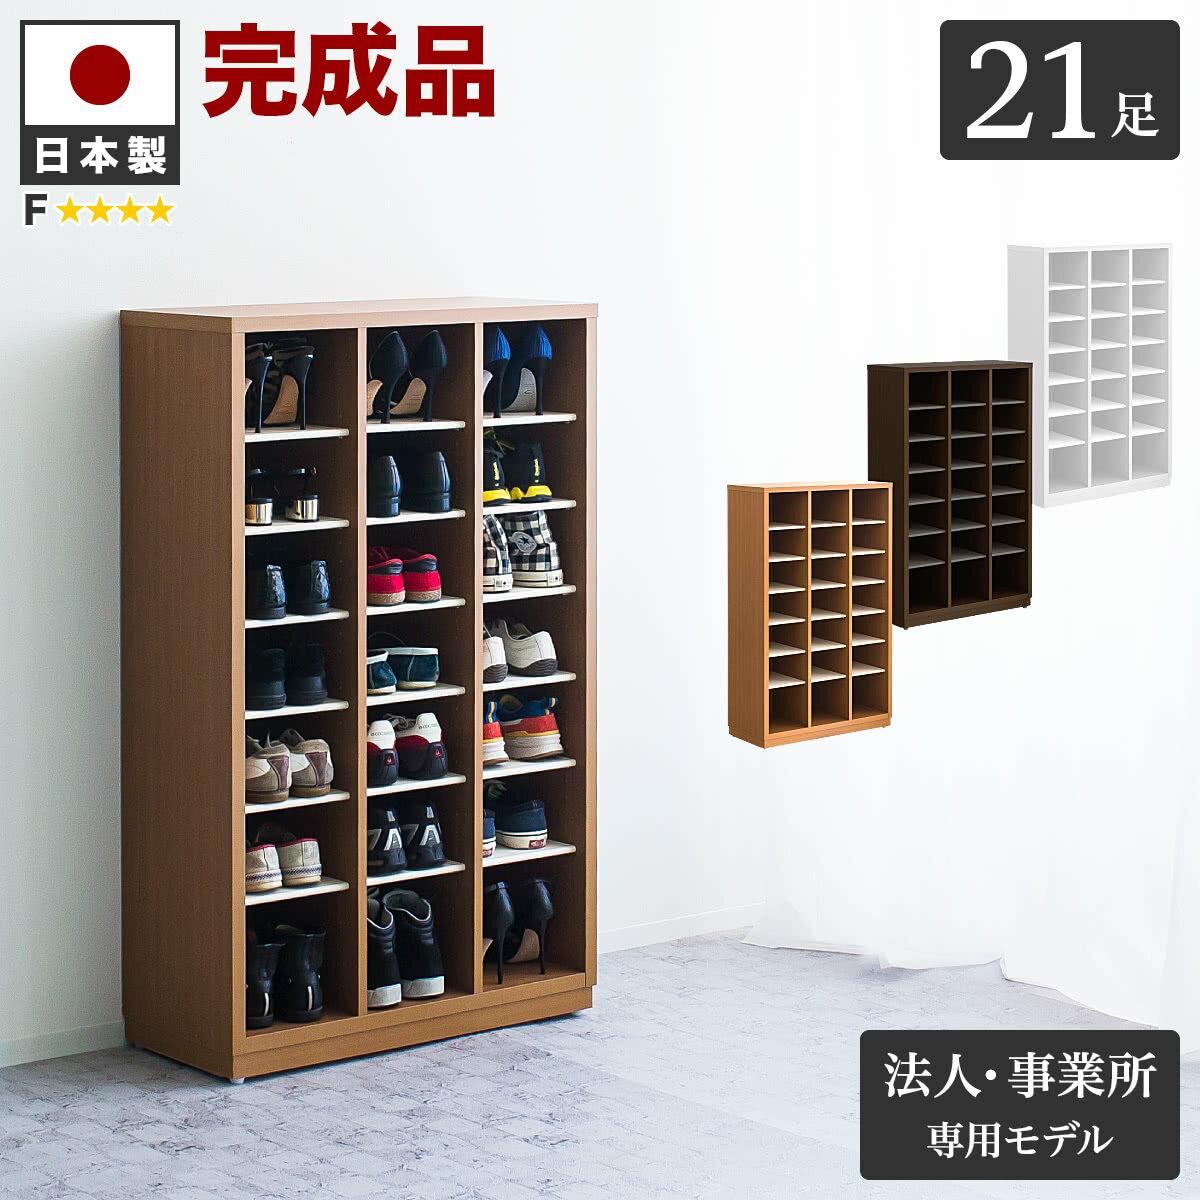 シューズボックス オープン 業務用 幅760×高さ1200 21足 完成品 下駄箱 シューズラック 靴箱 フォースター エフフォー 大容量 日本製 送料無料 新生活